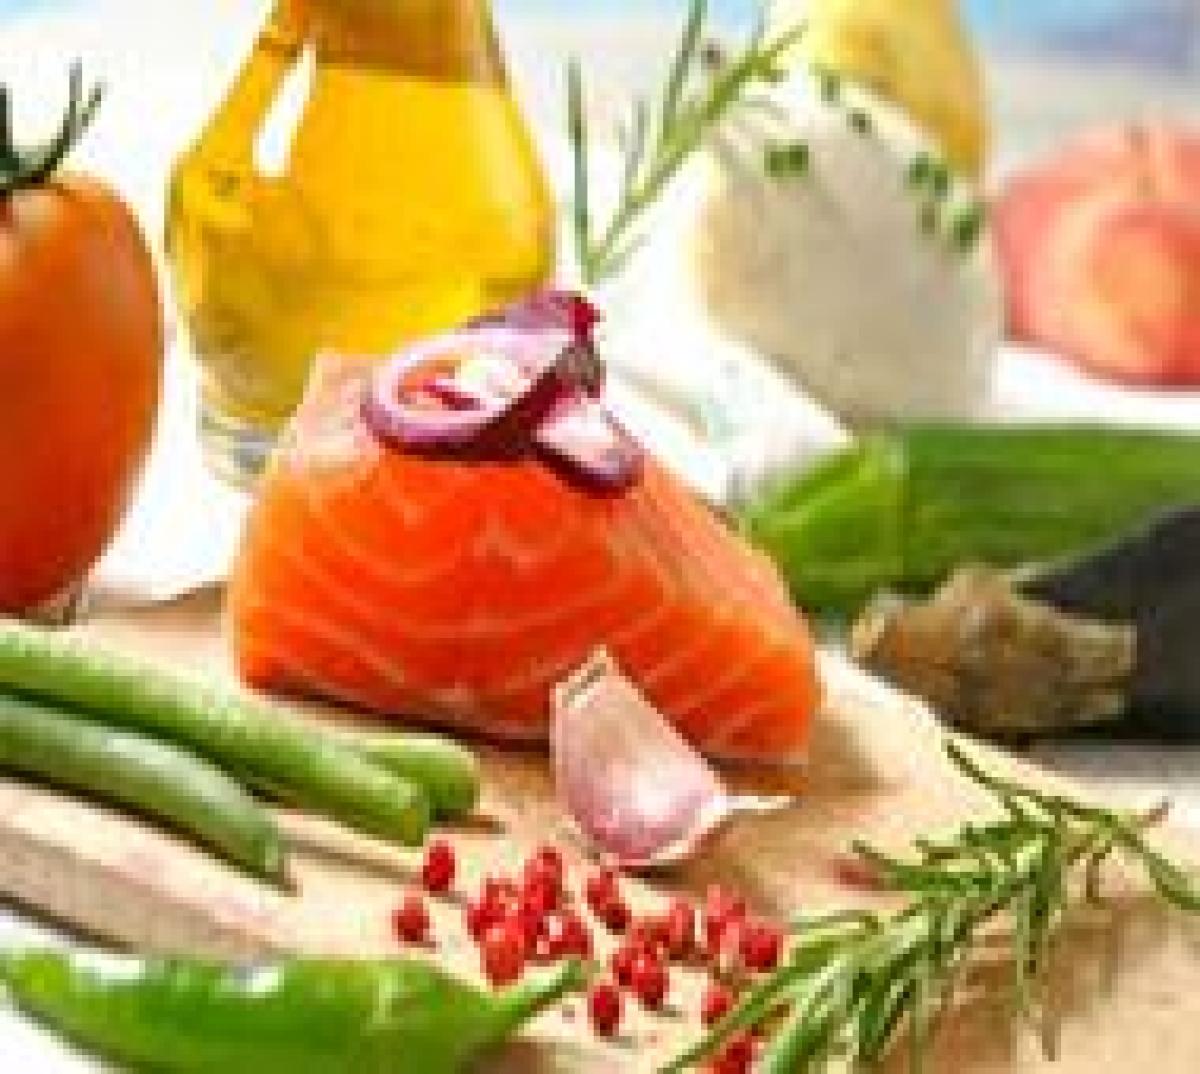 Follow Mediterranean diet to lose weight